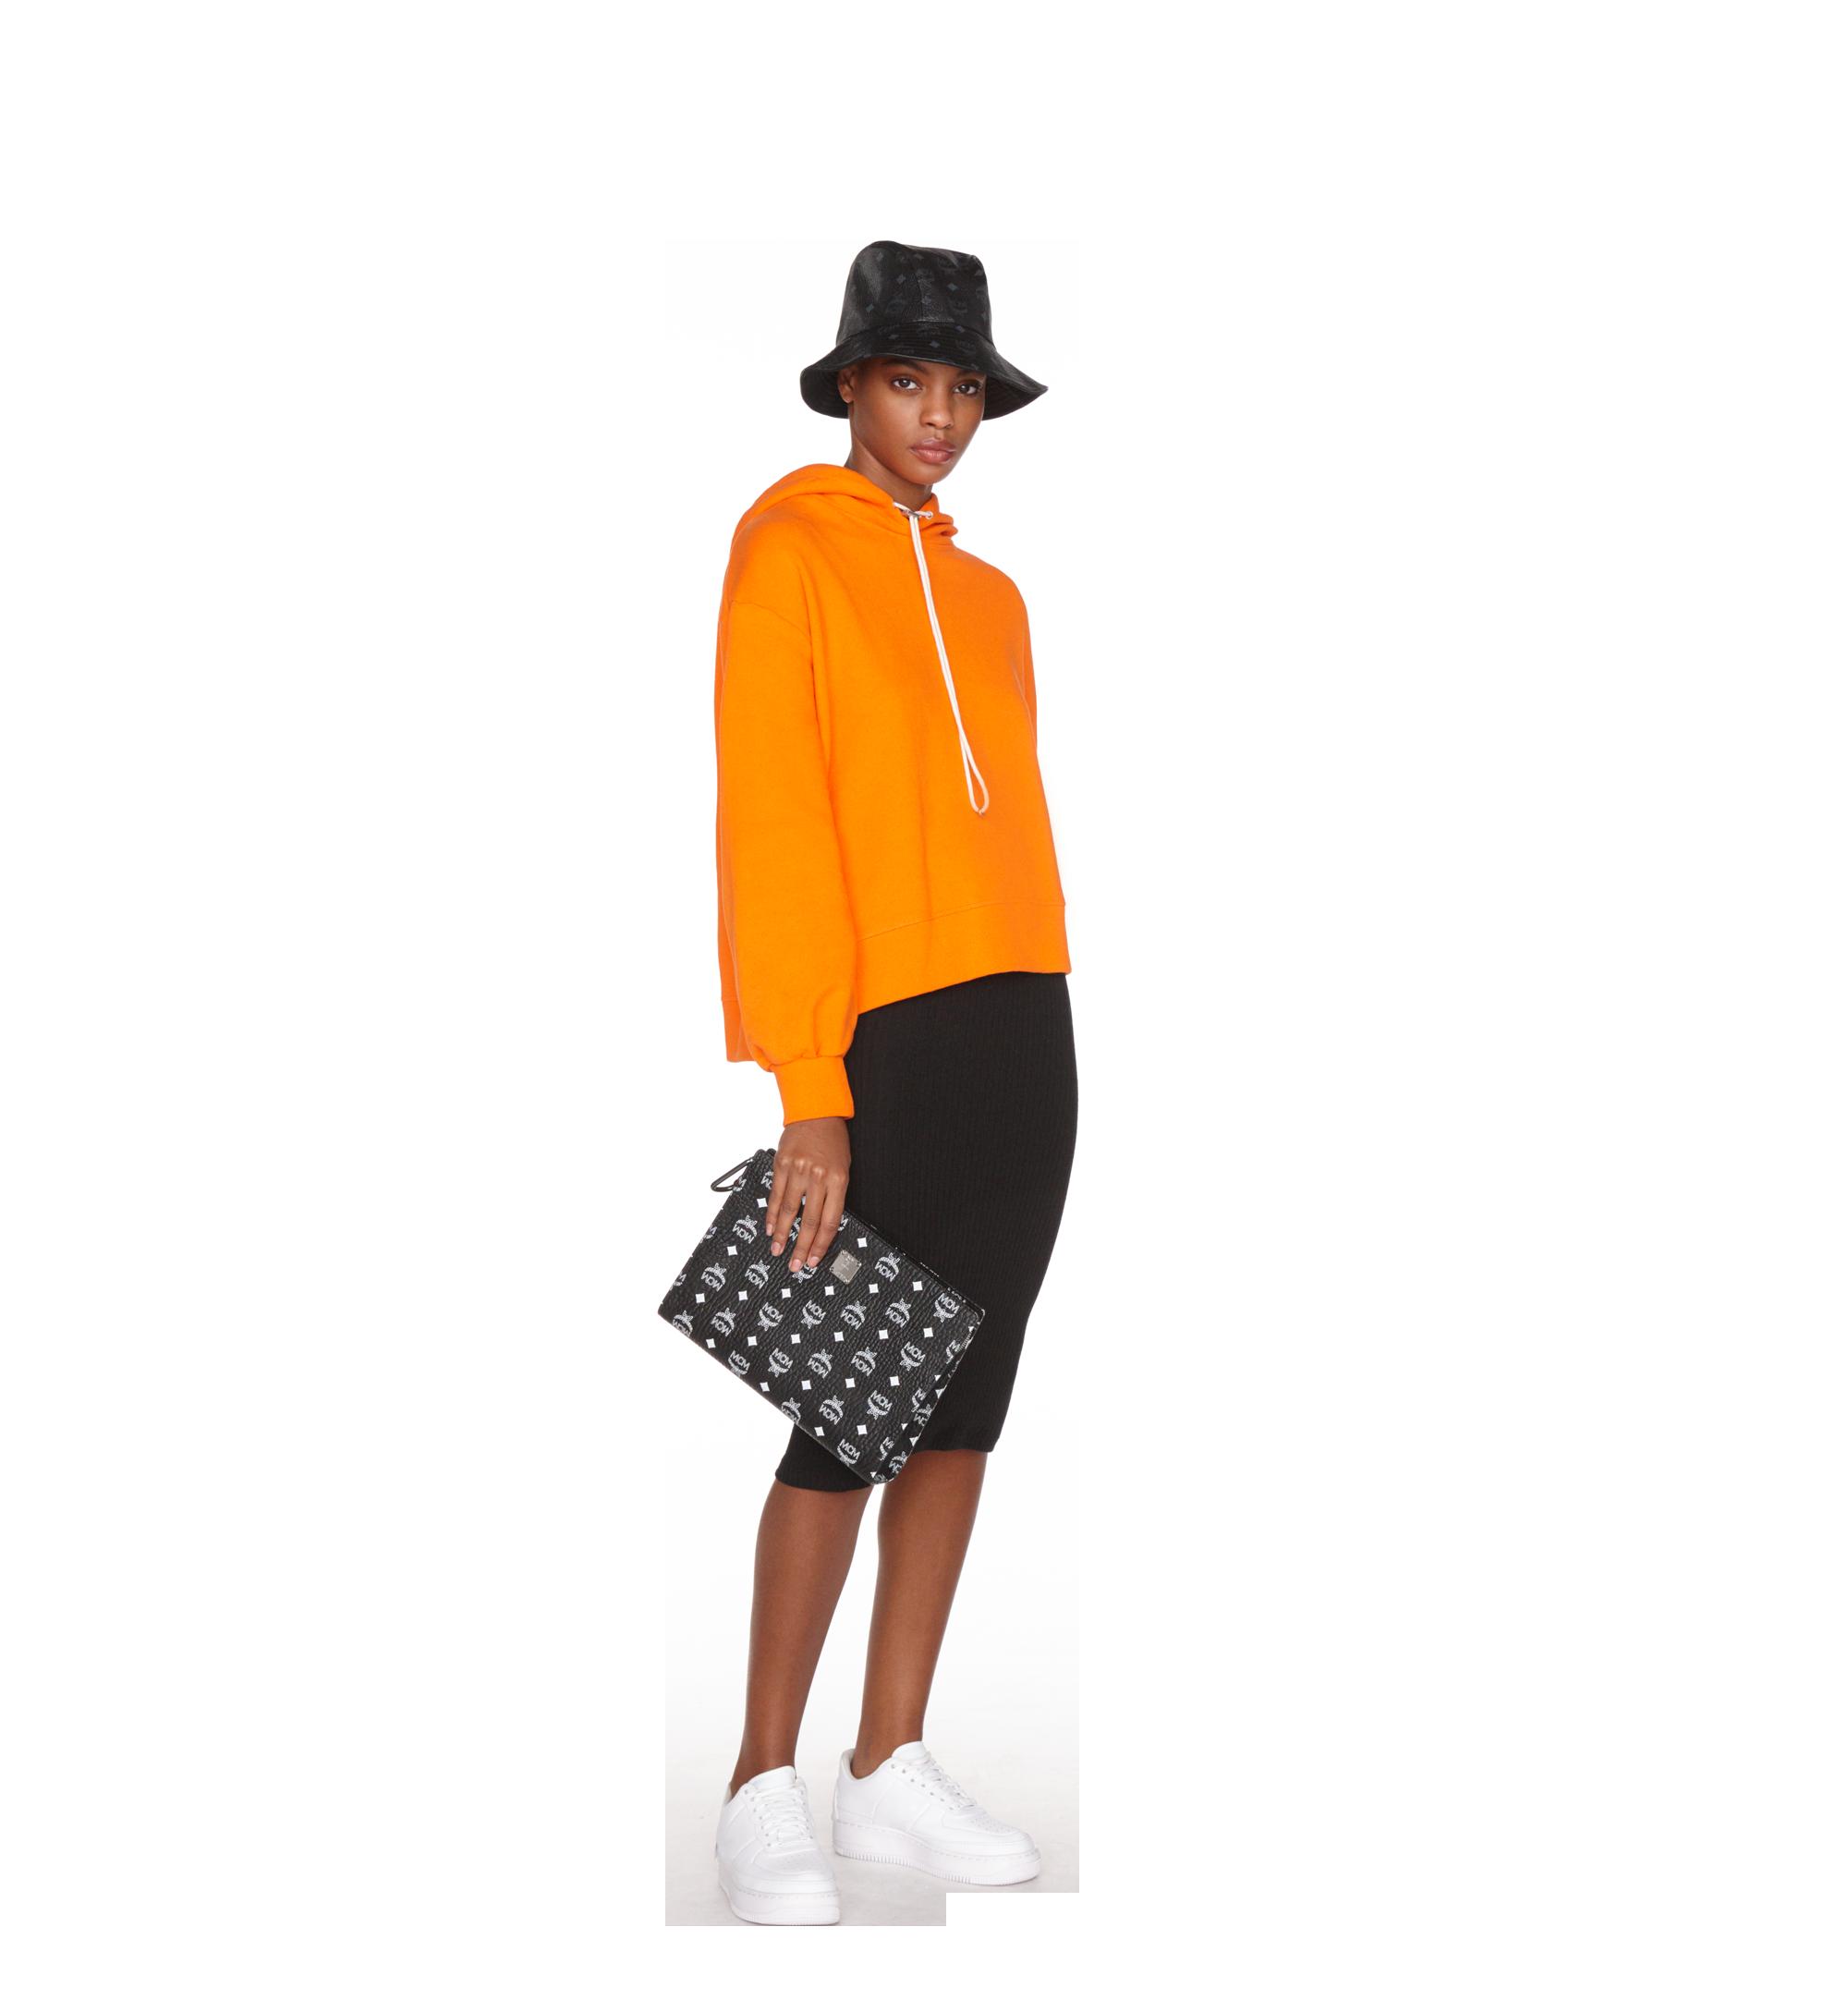 MCM Bucket Hat in Visetos Black MEH9S2K03BK001 Alternate View 2